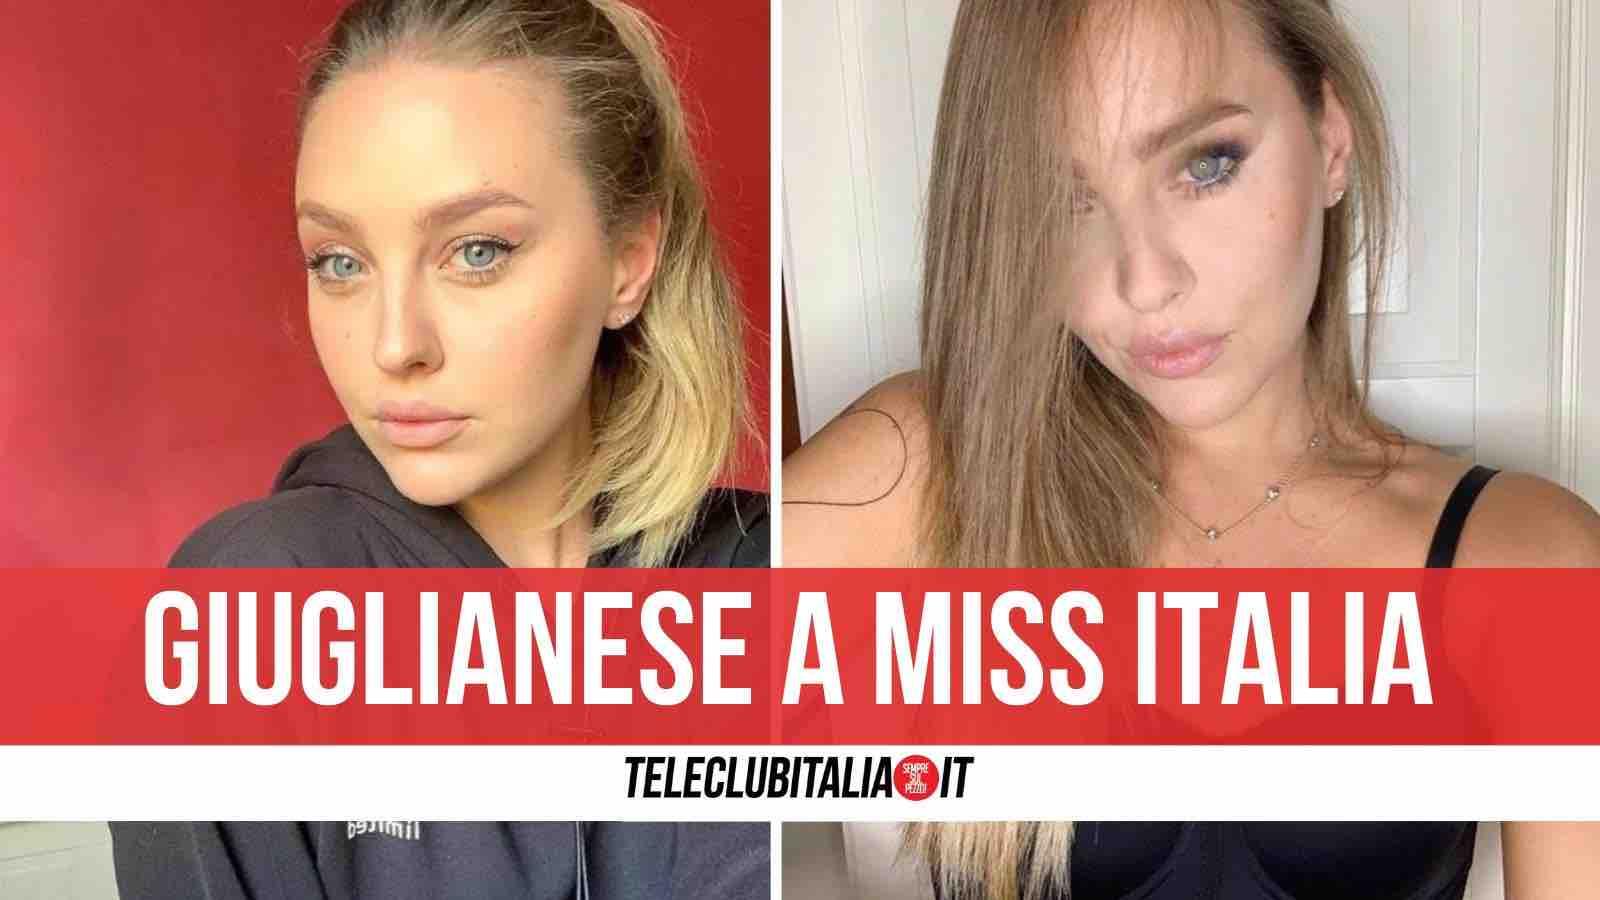 miss italia giugliano